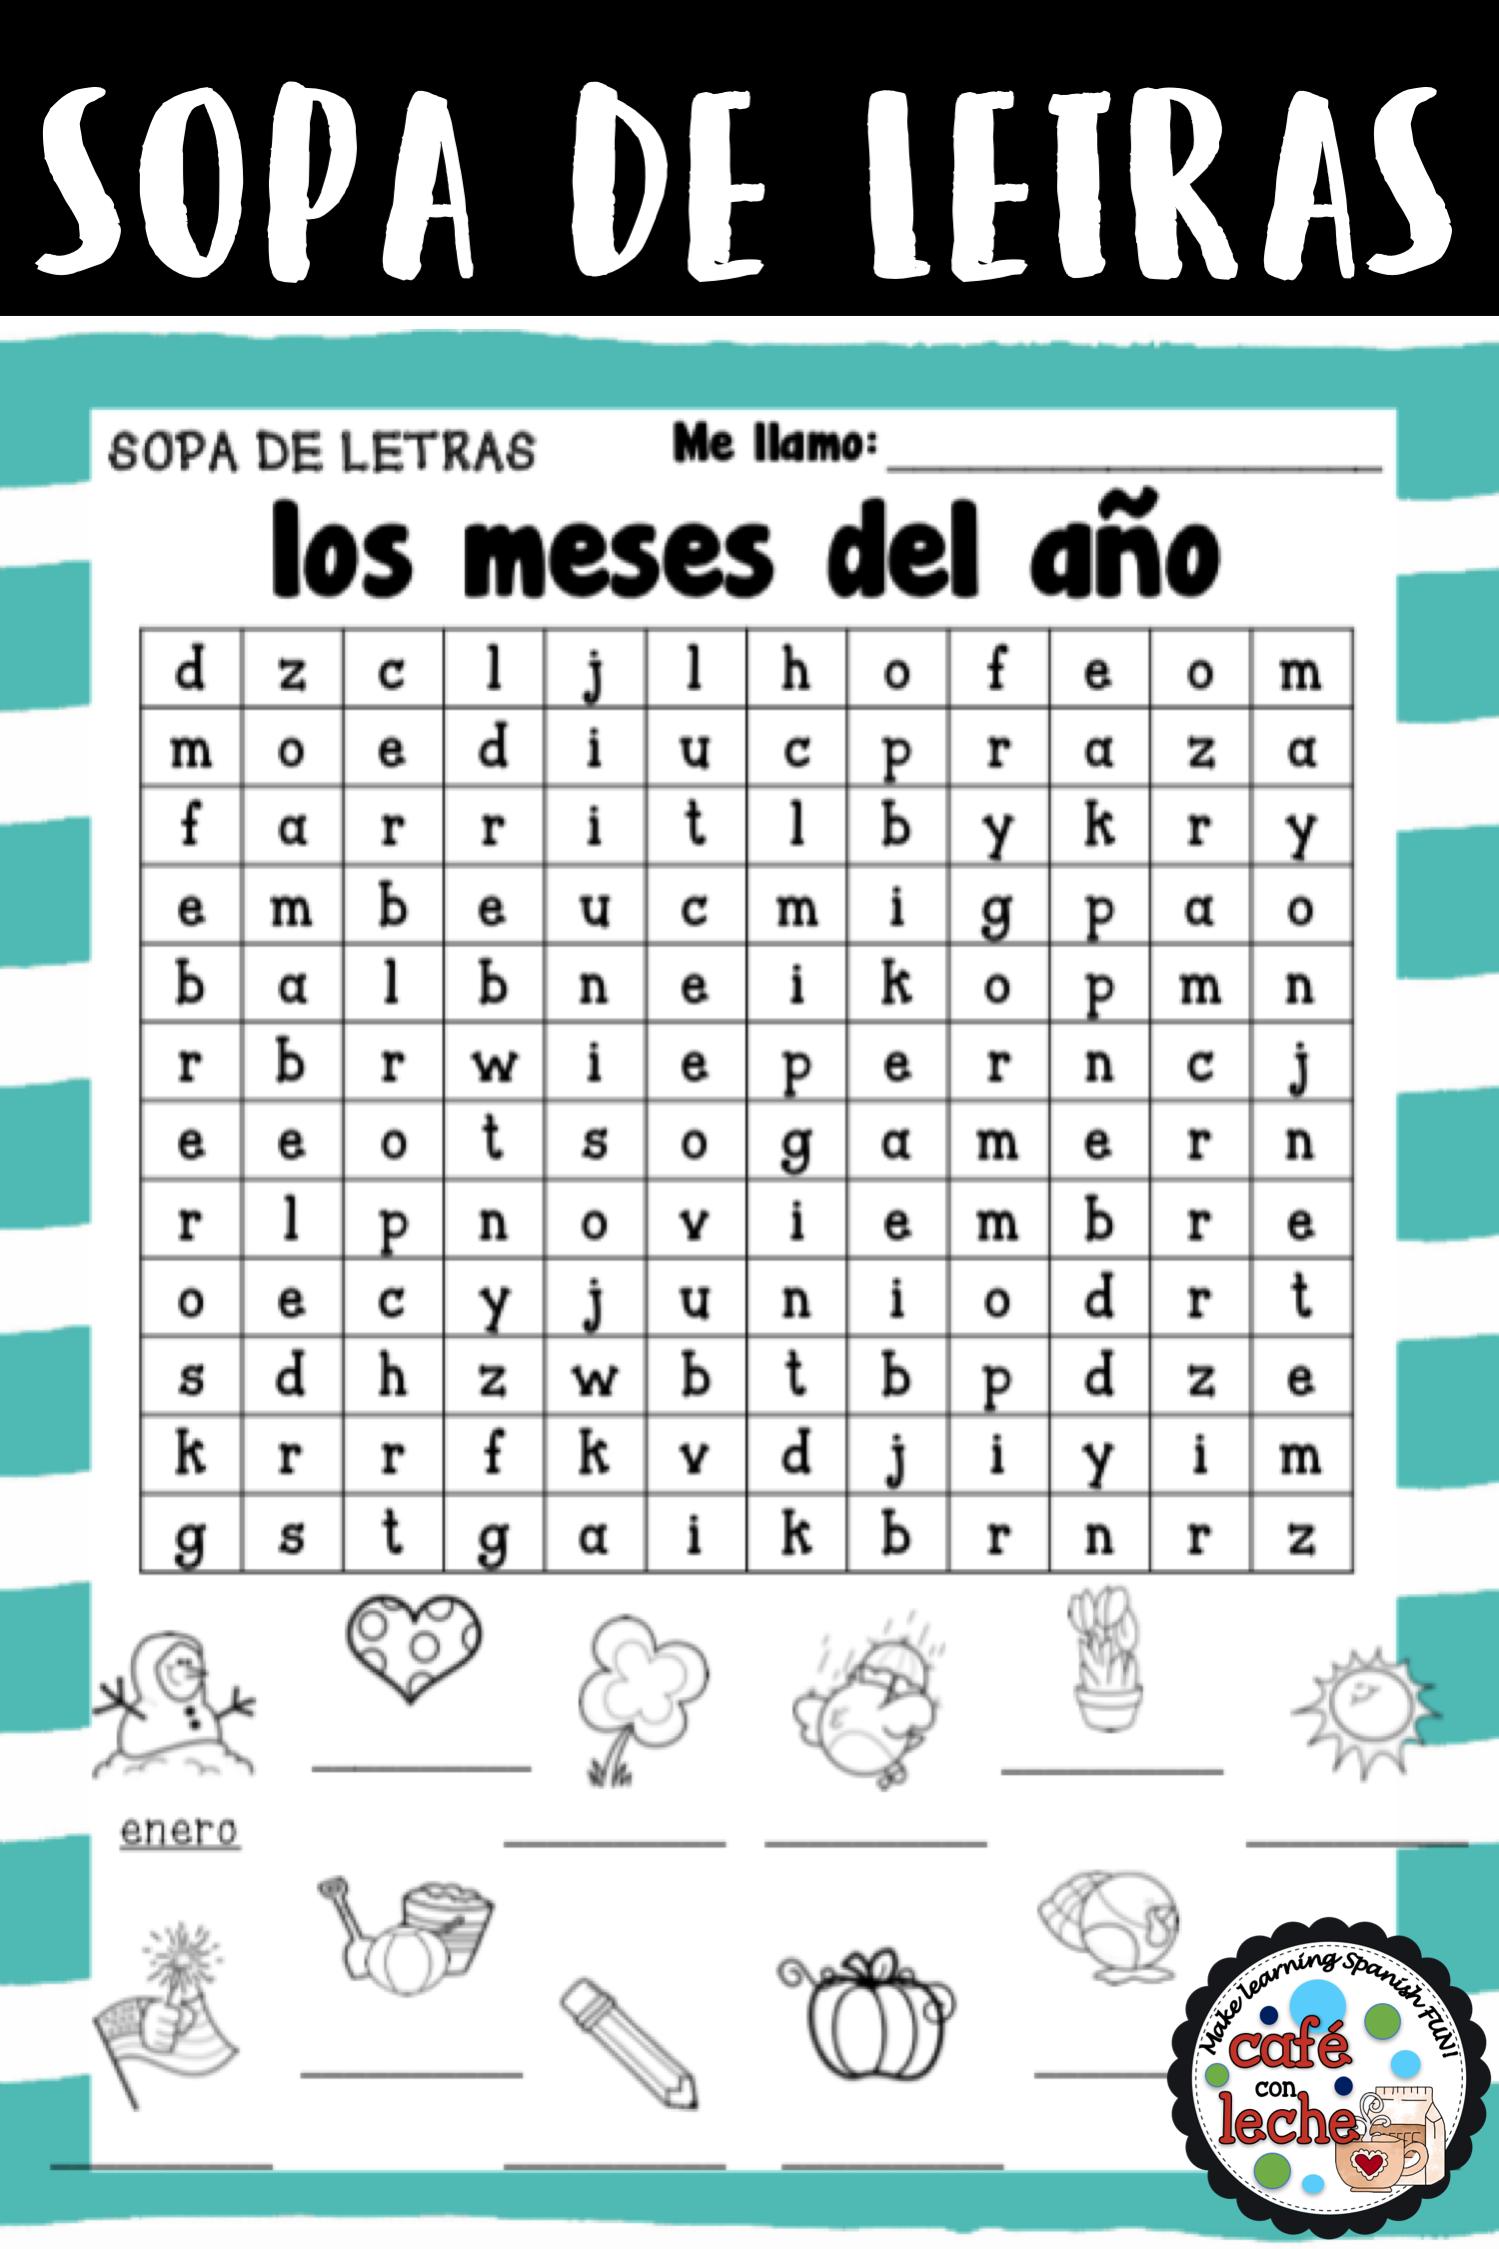 Sopa De Letras De Los Meses Del Ano Months Of The Year